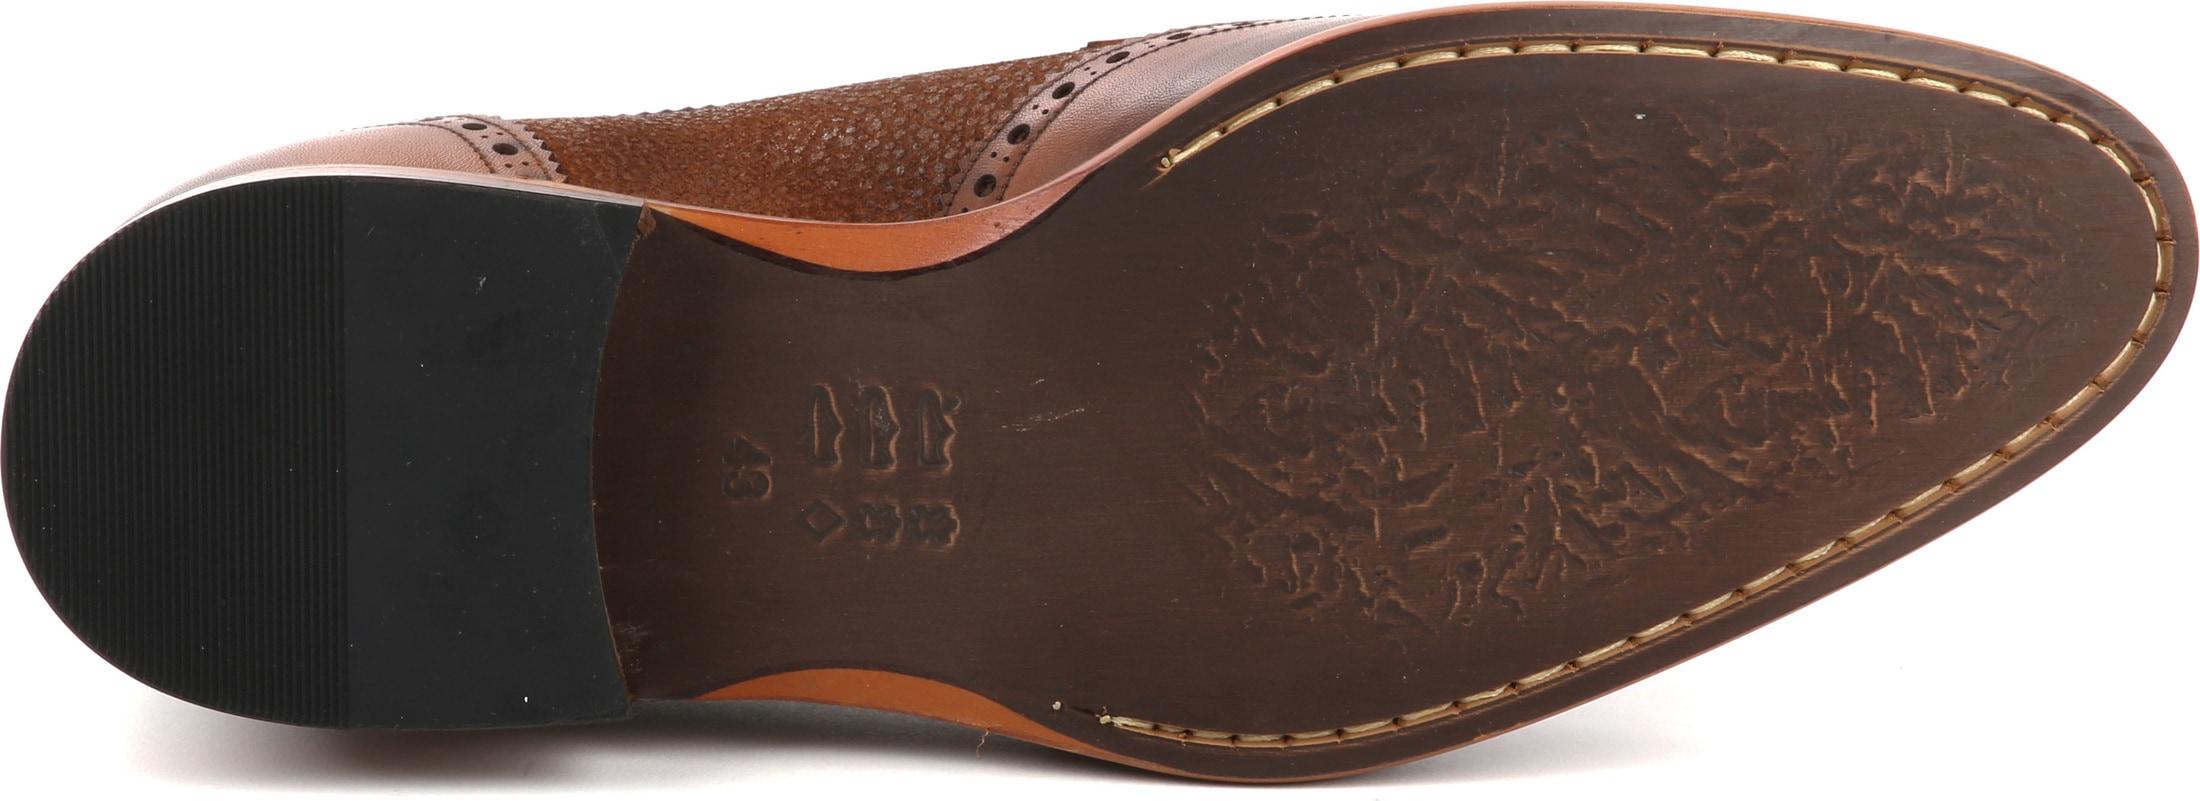 Suitable Leather Shoe Dessin Cognac foto 4